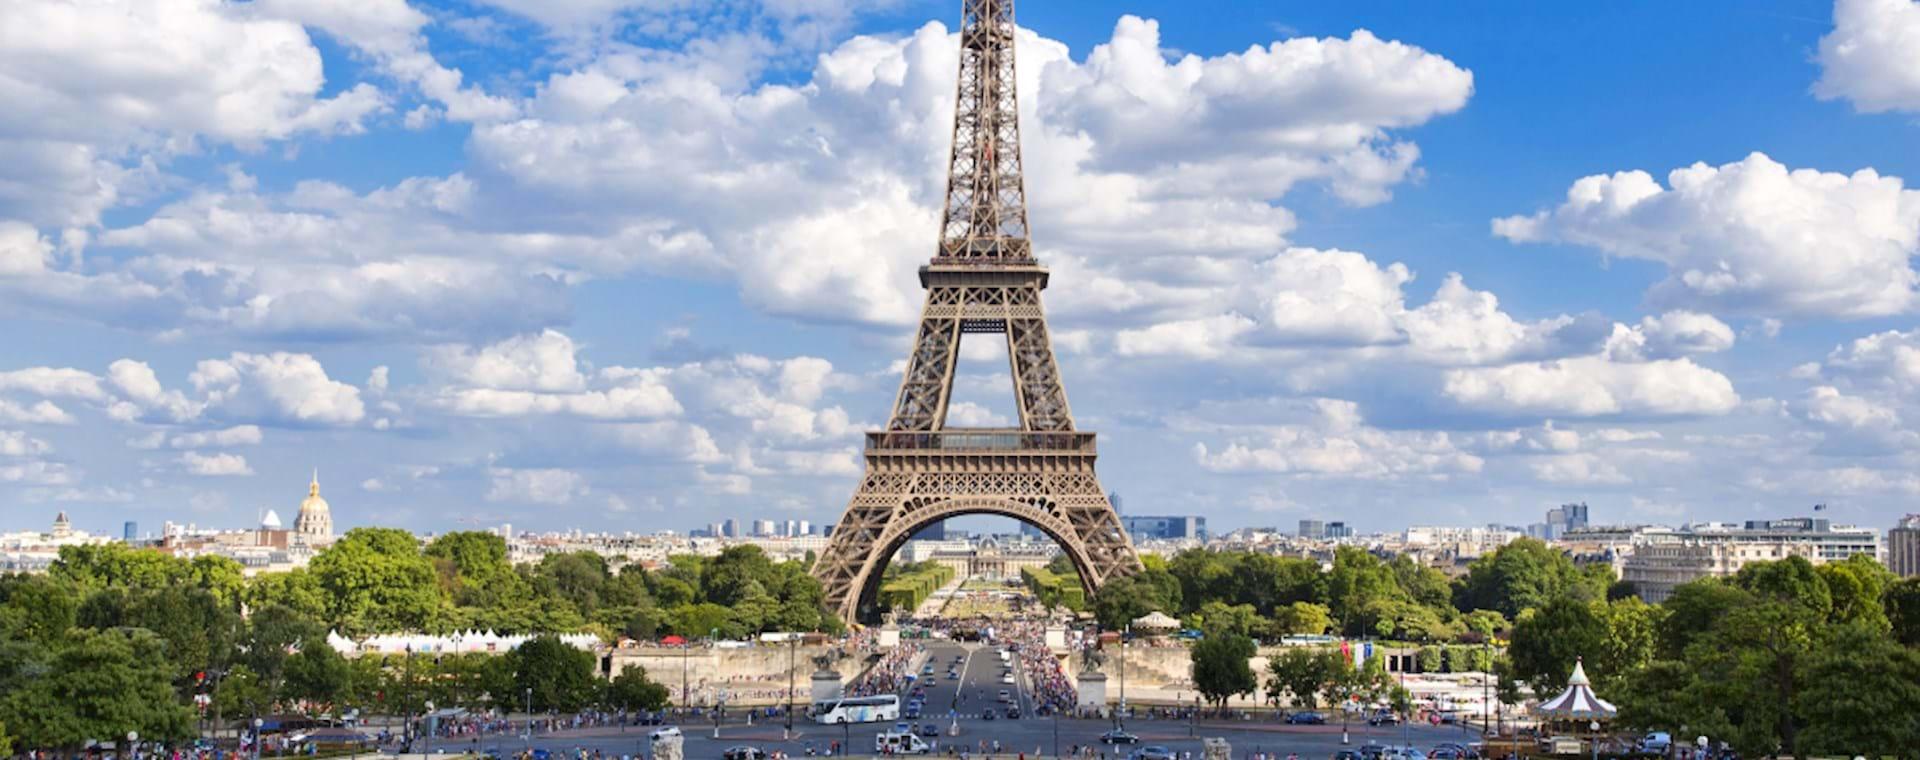 View Eiffel Tower from Palais de Chaillot